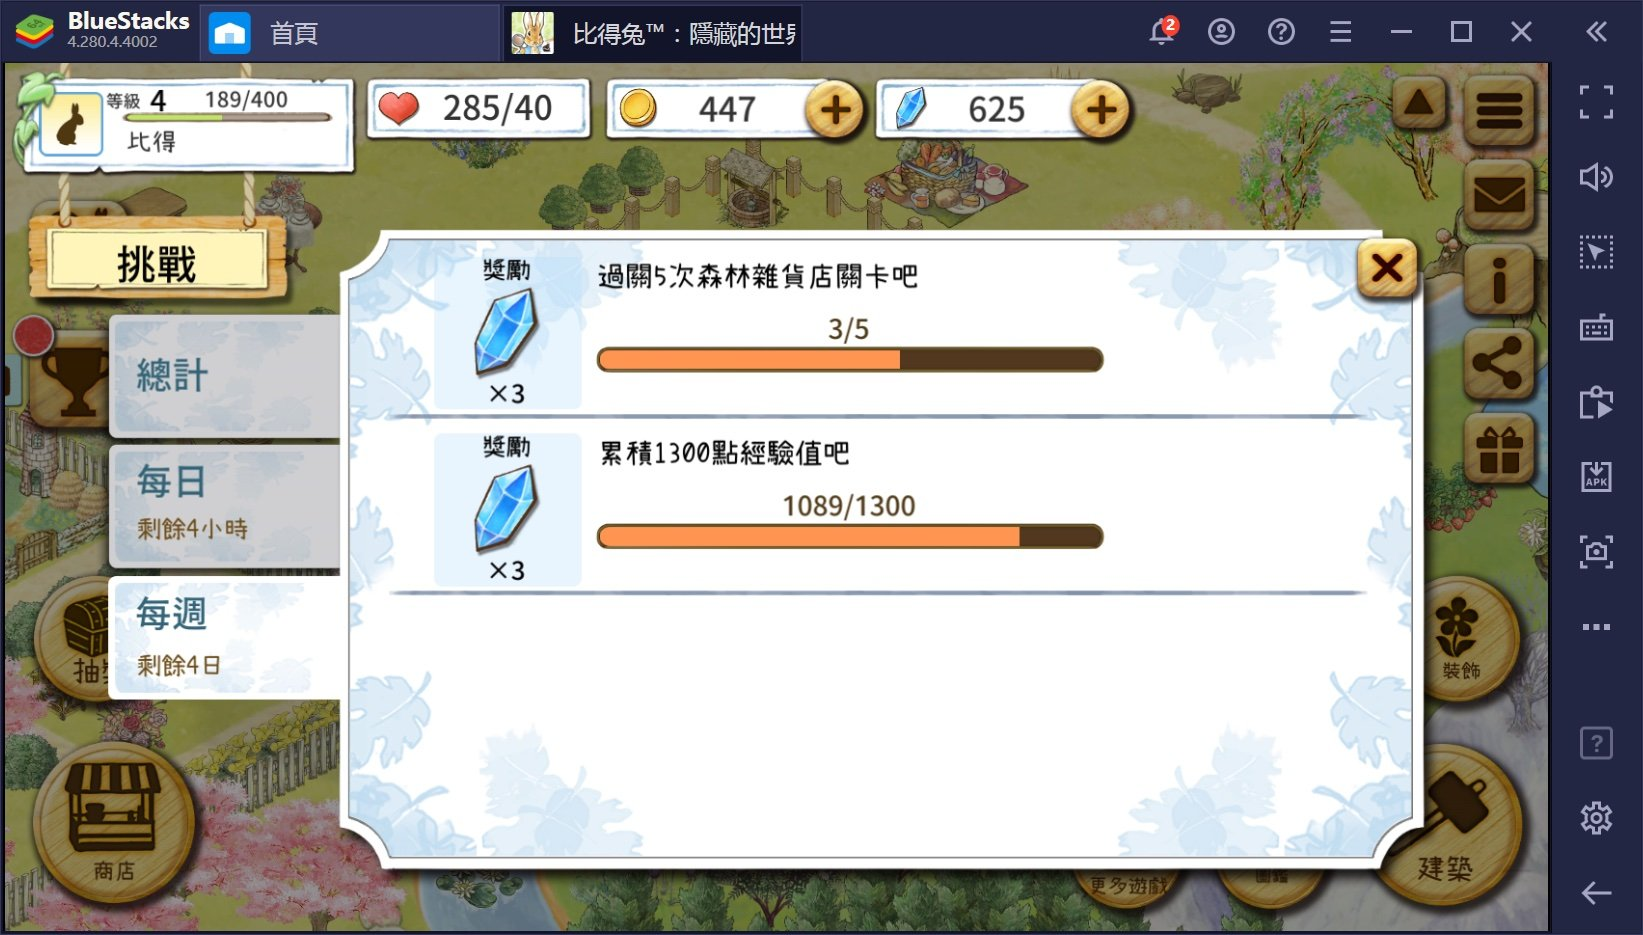 如何用BlueStacks在PC上玩休閒尋物手遊《比得兔:隱藏的世界》